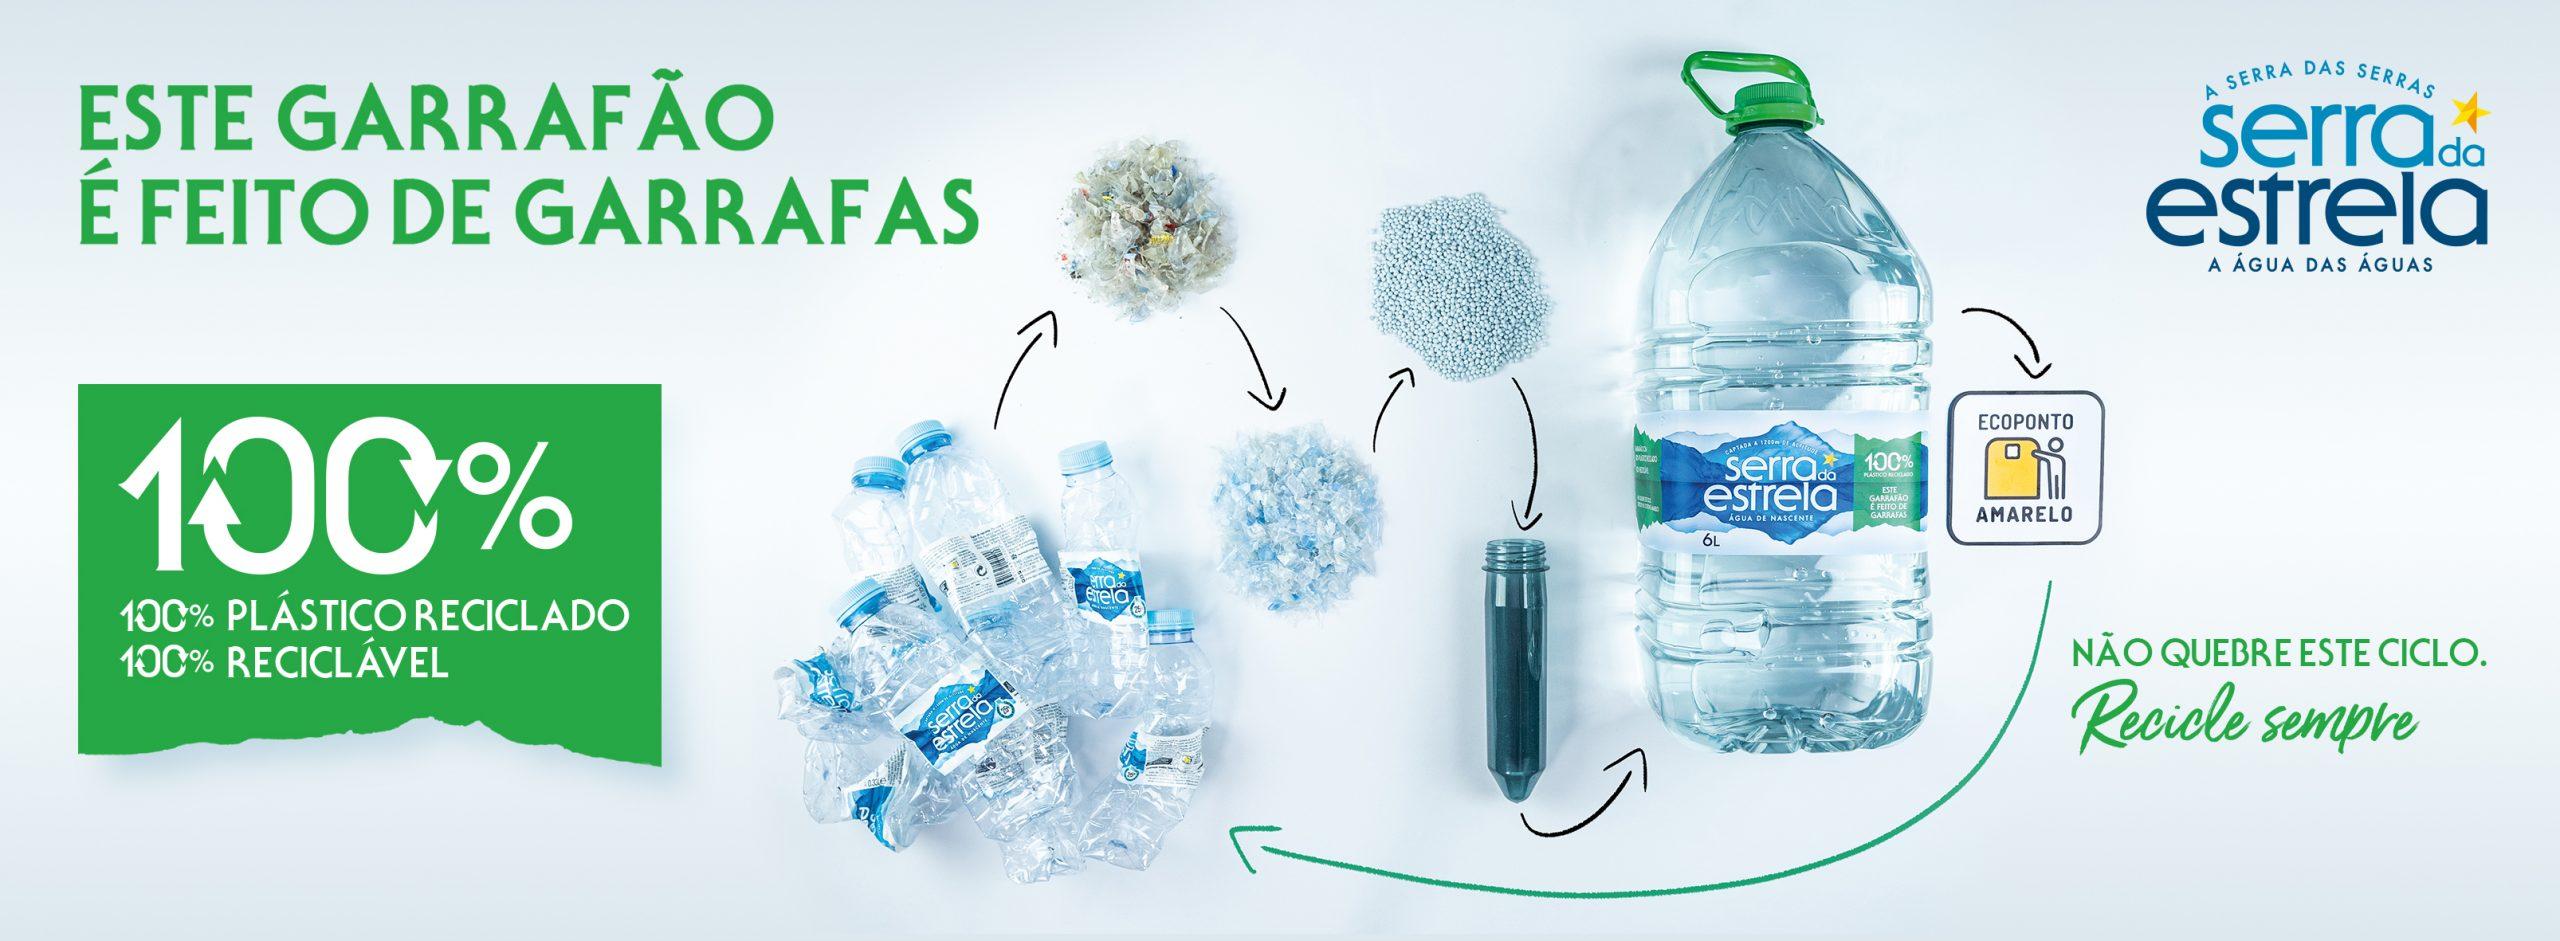 Água Serra da Estrela lança primeiro garrafão feito de plástico 100%  reciclado - Grande Consumo